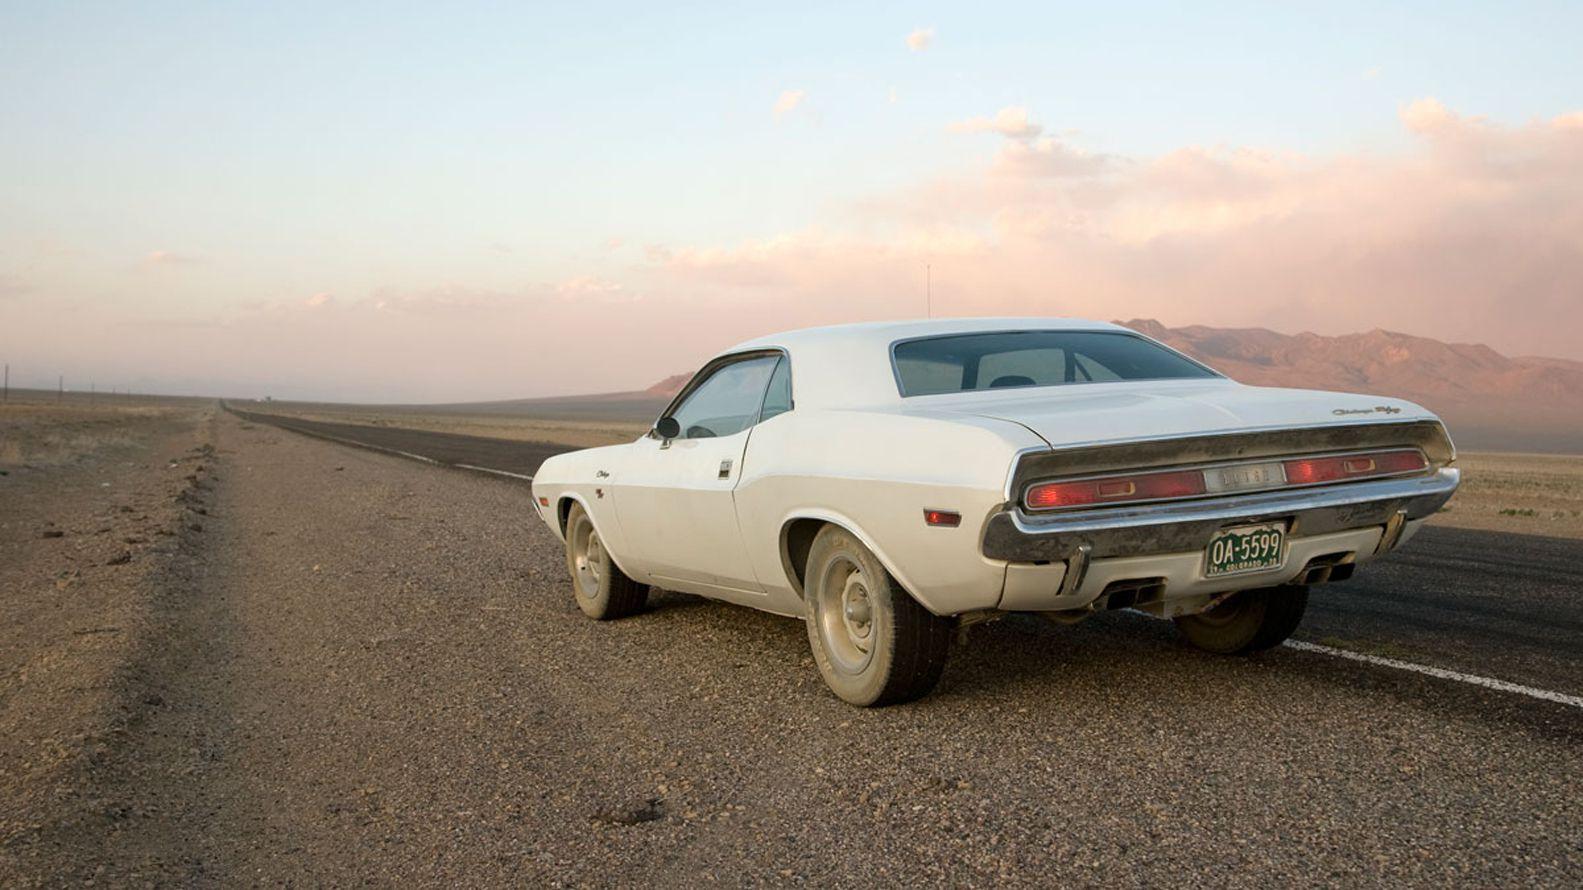 Este es uno de los primeros que marcó la historia del modelo (Dodge)